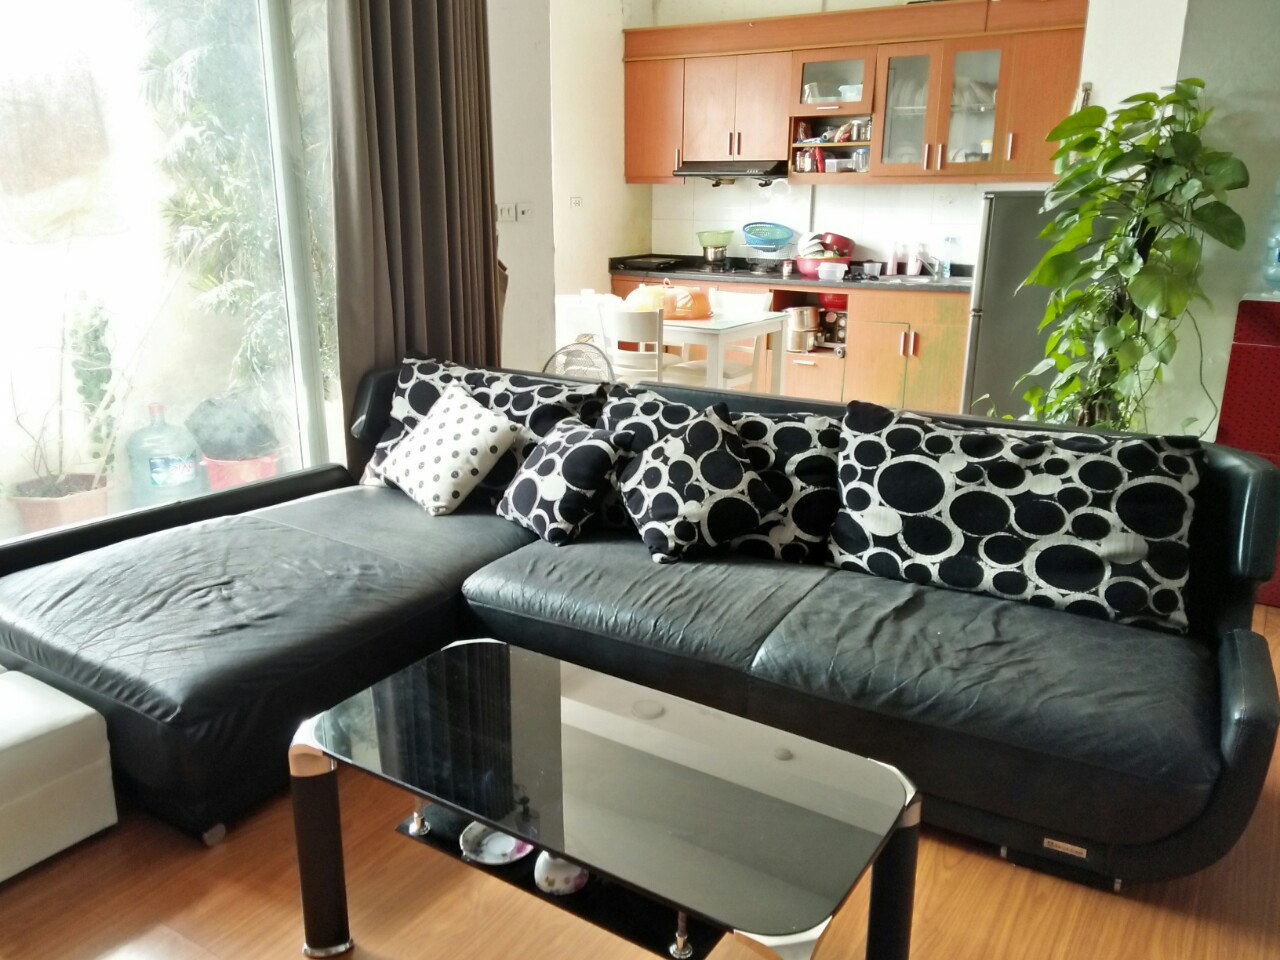 Bộ ghế sofa của gia đình anh Phương tại khu đô thị Nam Cường